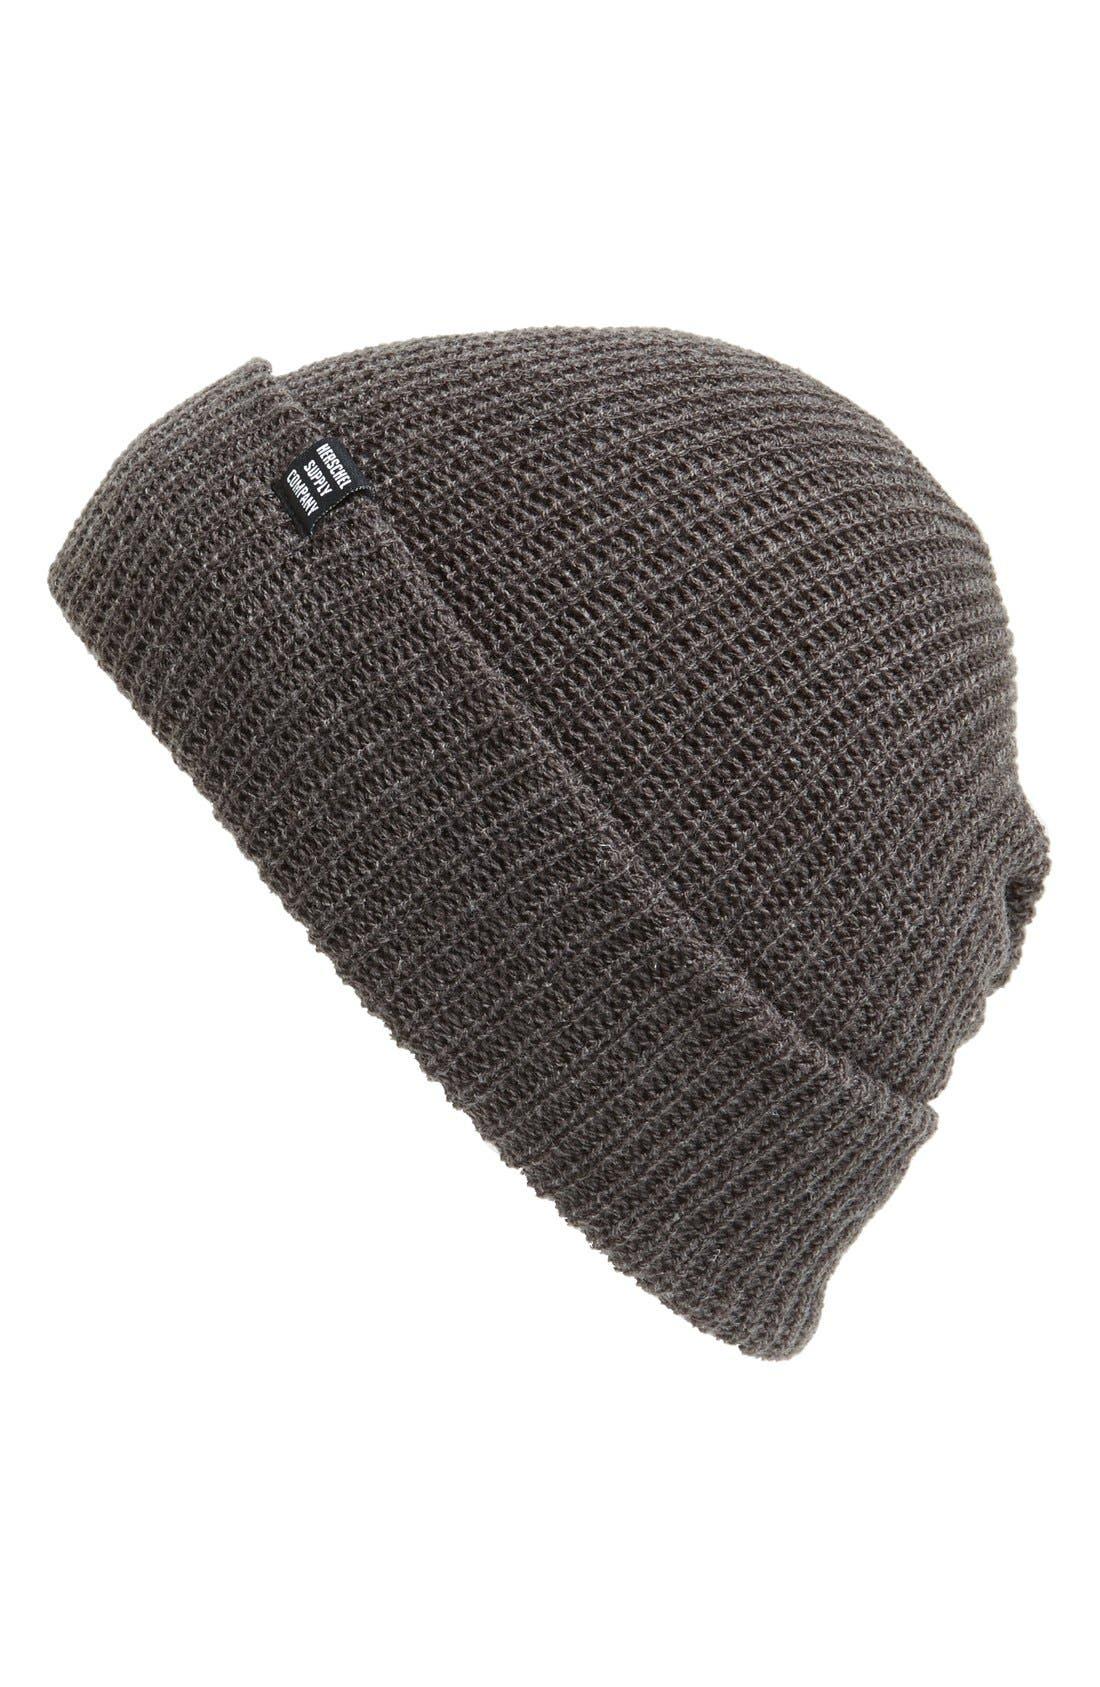 'Quartz' Solid Knit Cap,                         Main,                         color,